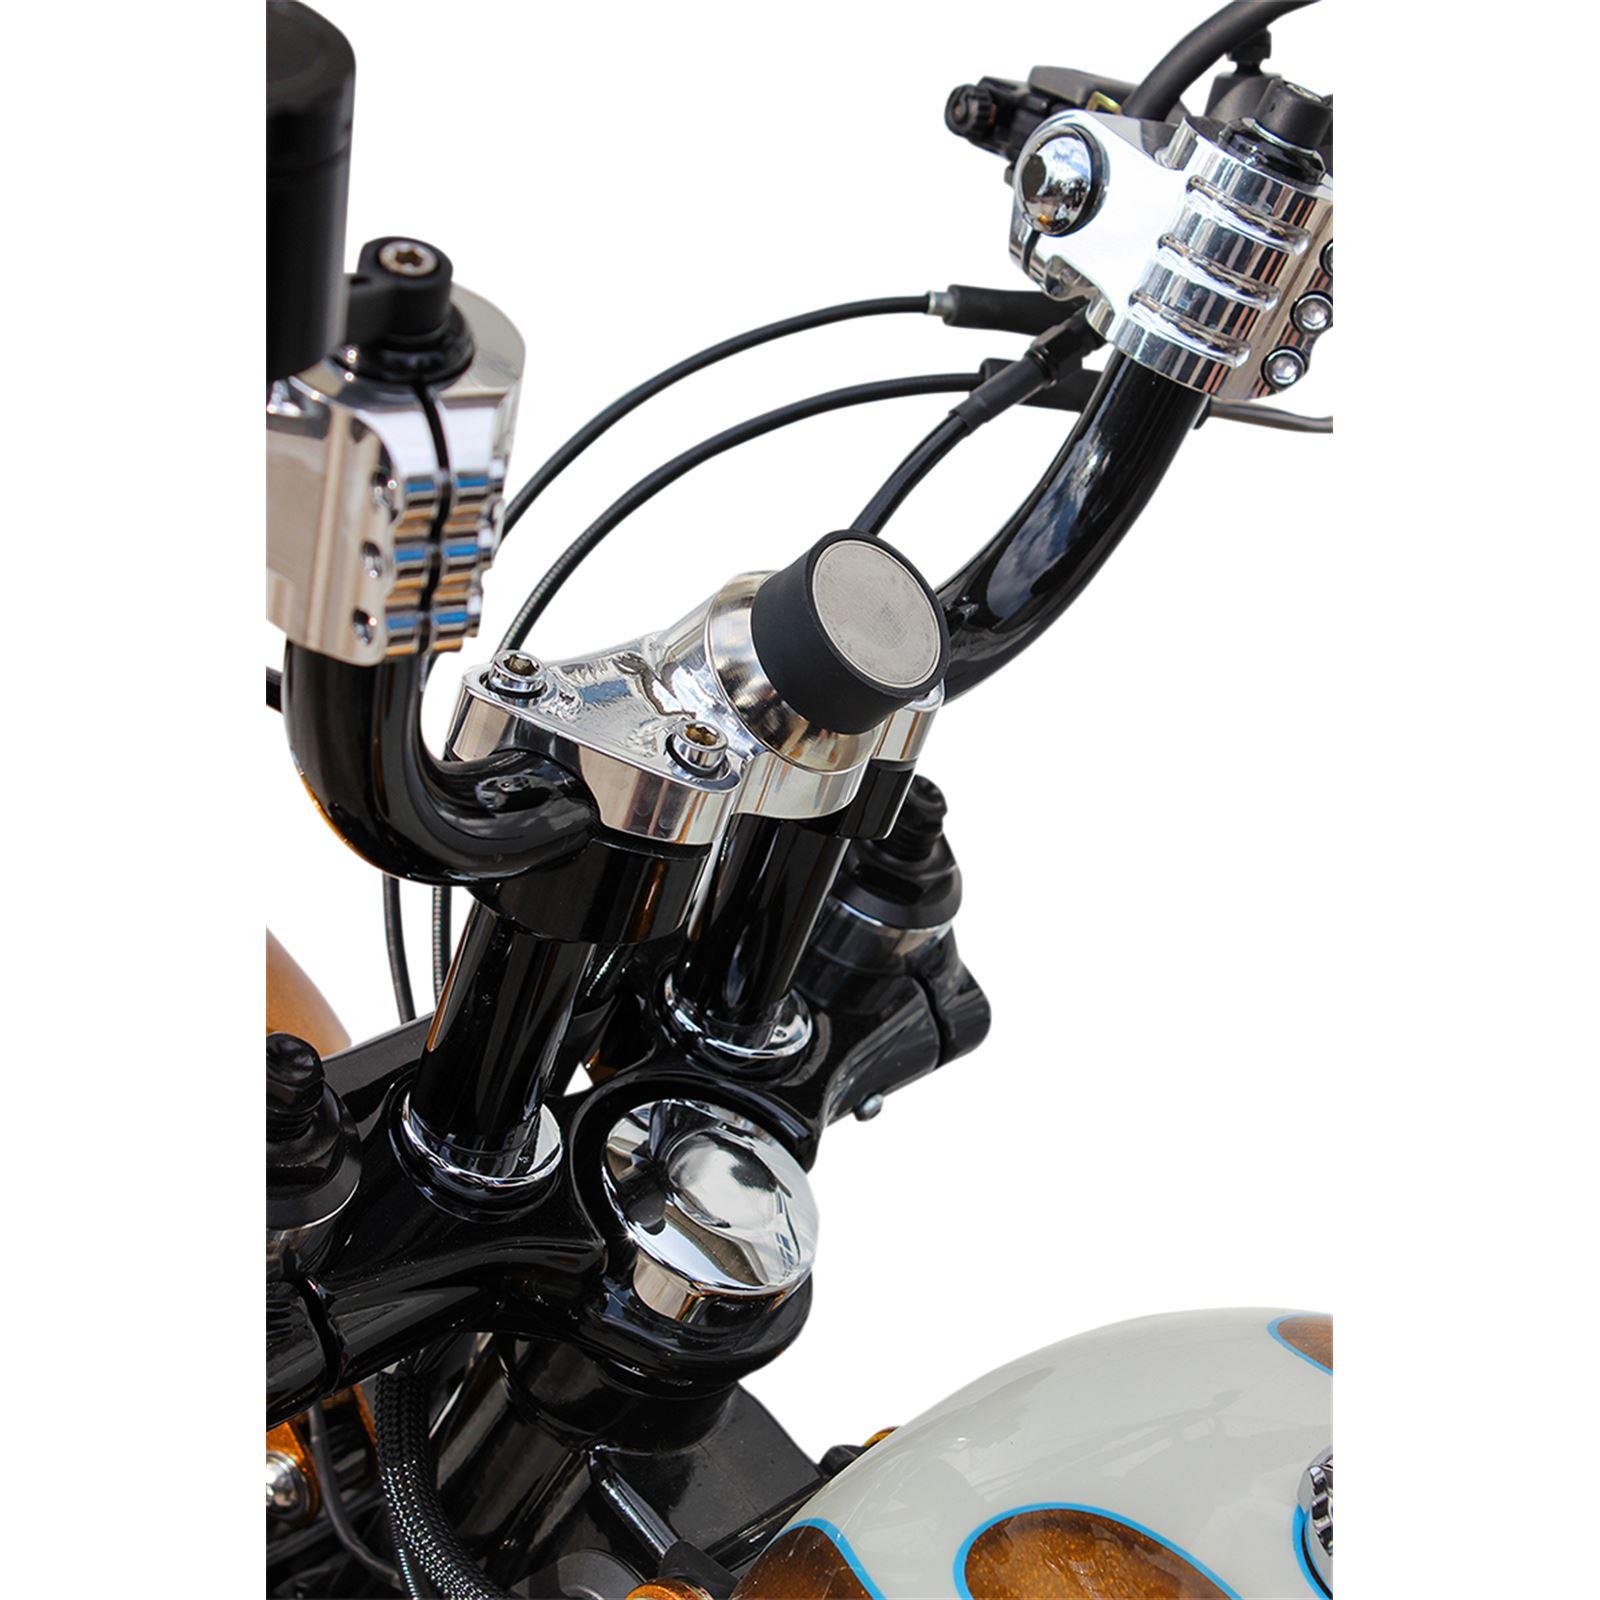 Klock Werks Chrome iOmount™ Handlebar Clamp for '84 - '19 Harley Davidson